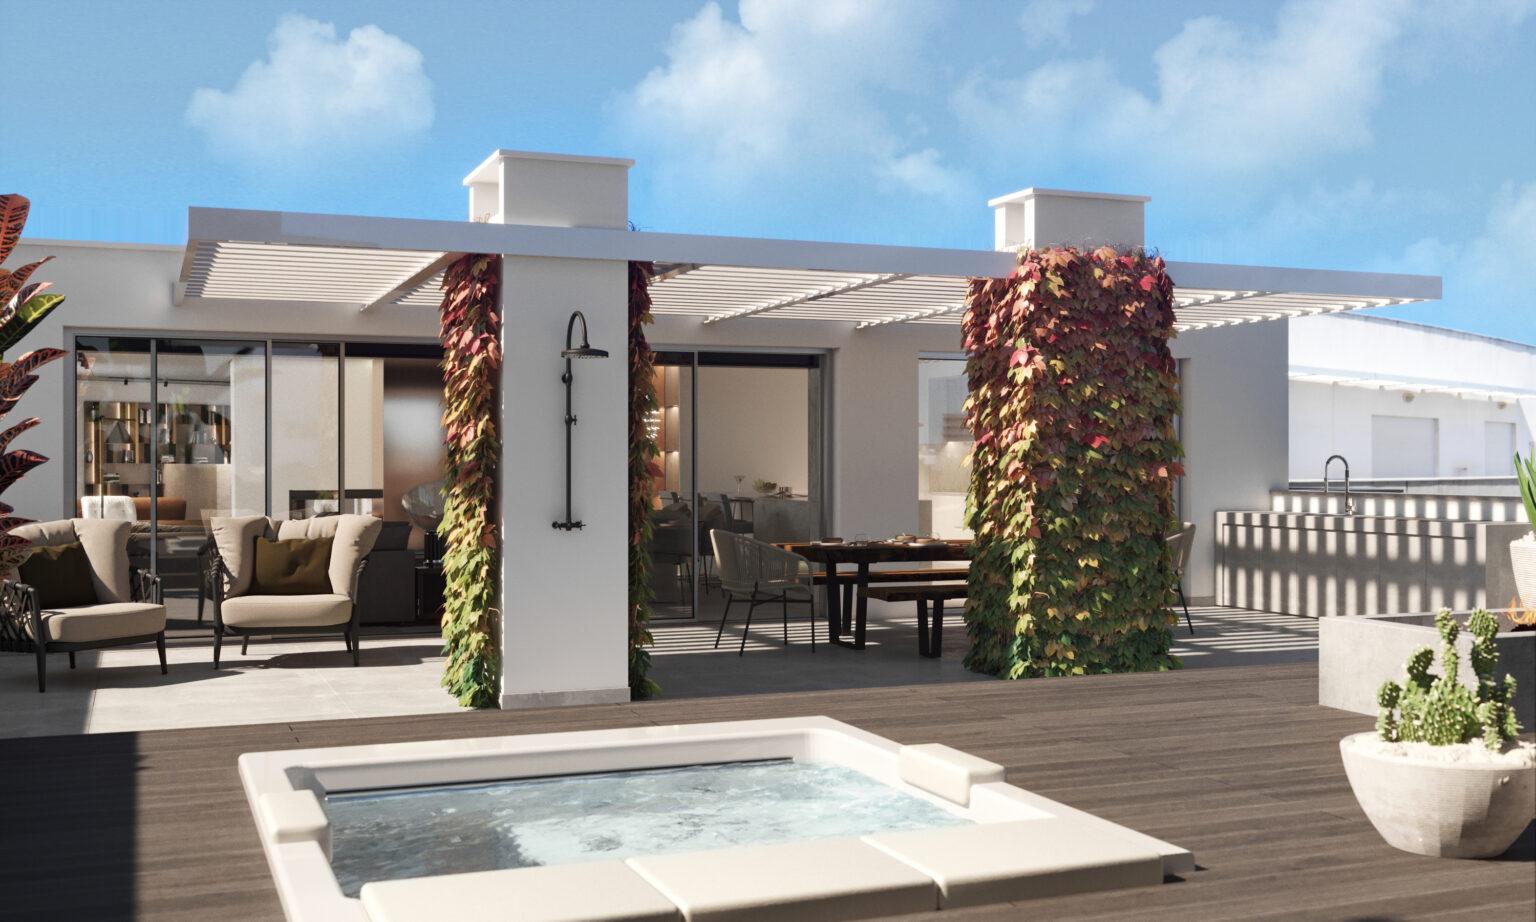 terraco-penthouse-wildwhite